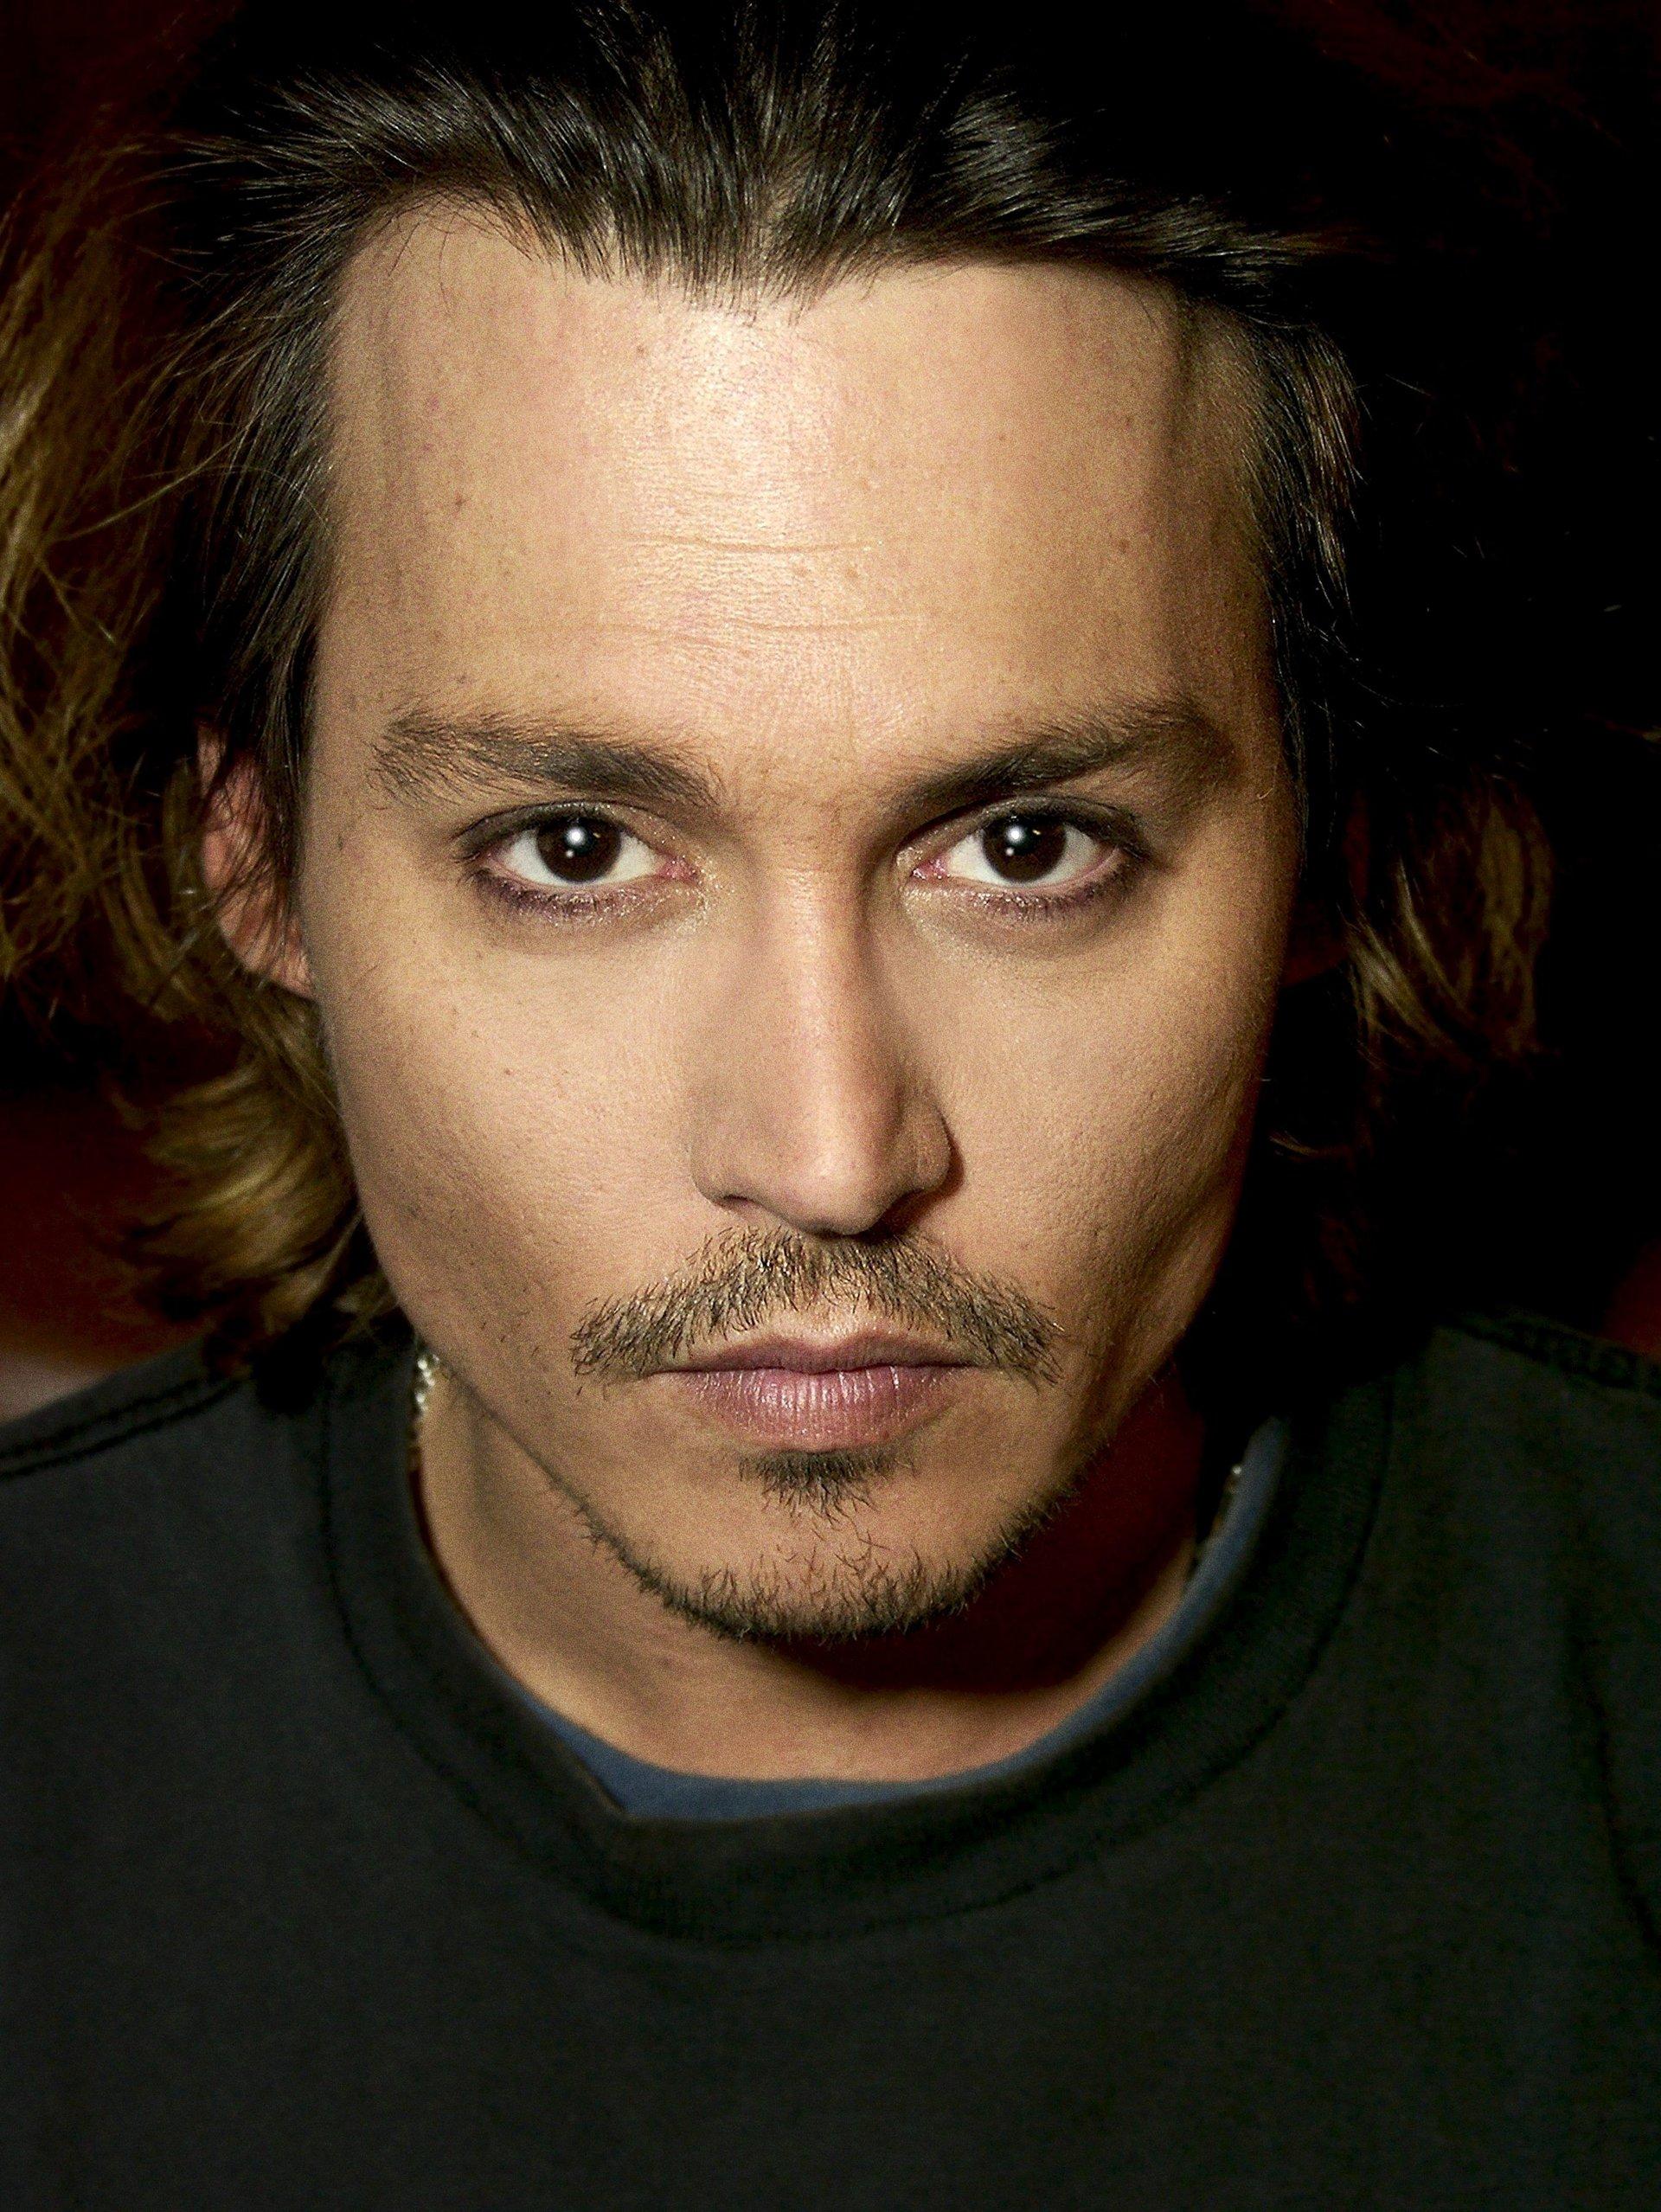 Фотография Johnny Depp сделанная Kevin Abosch